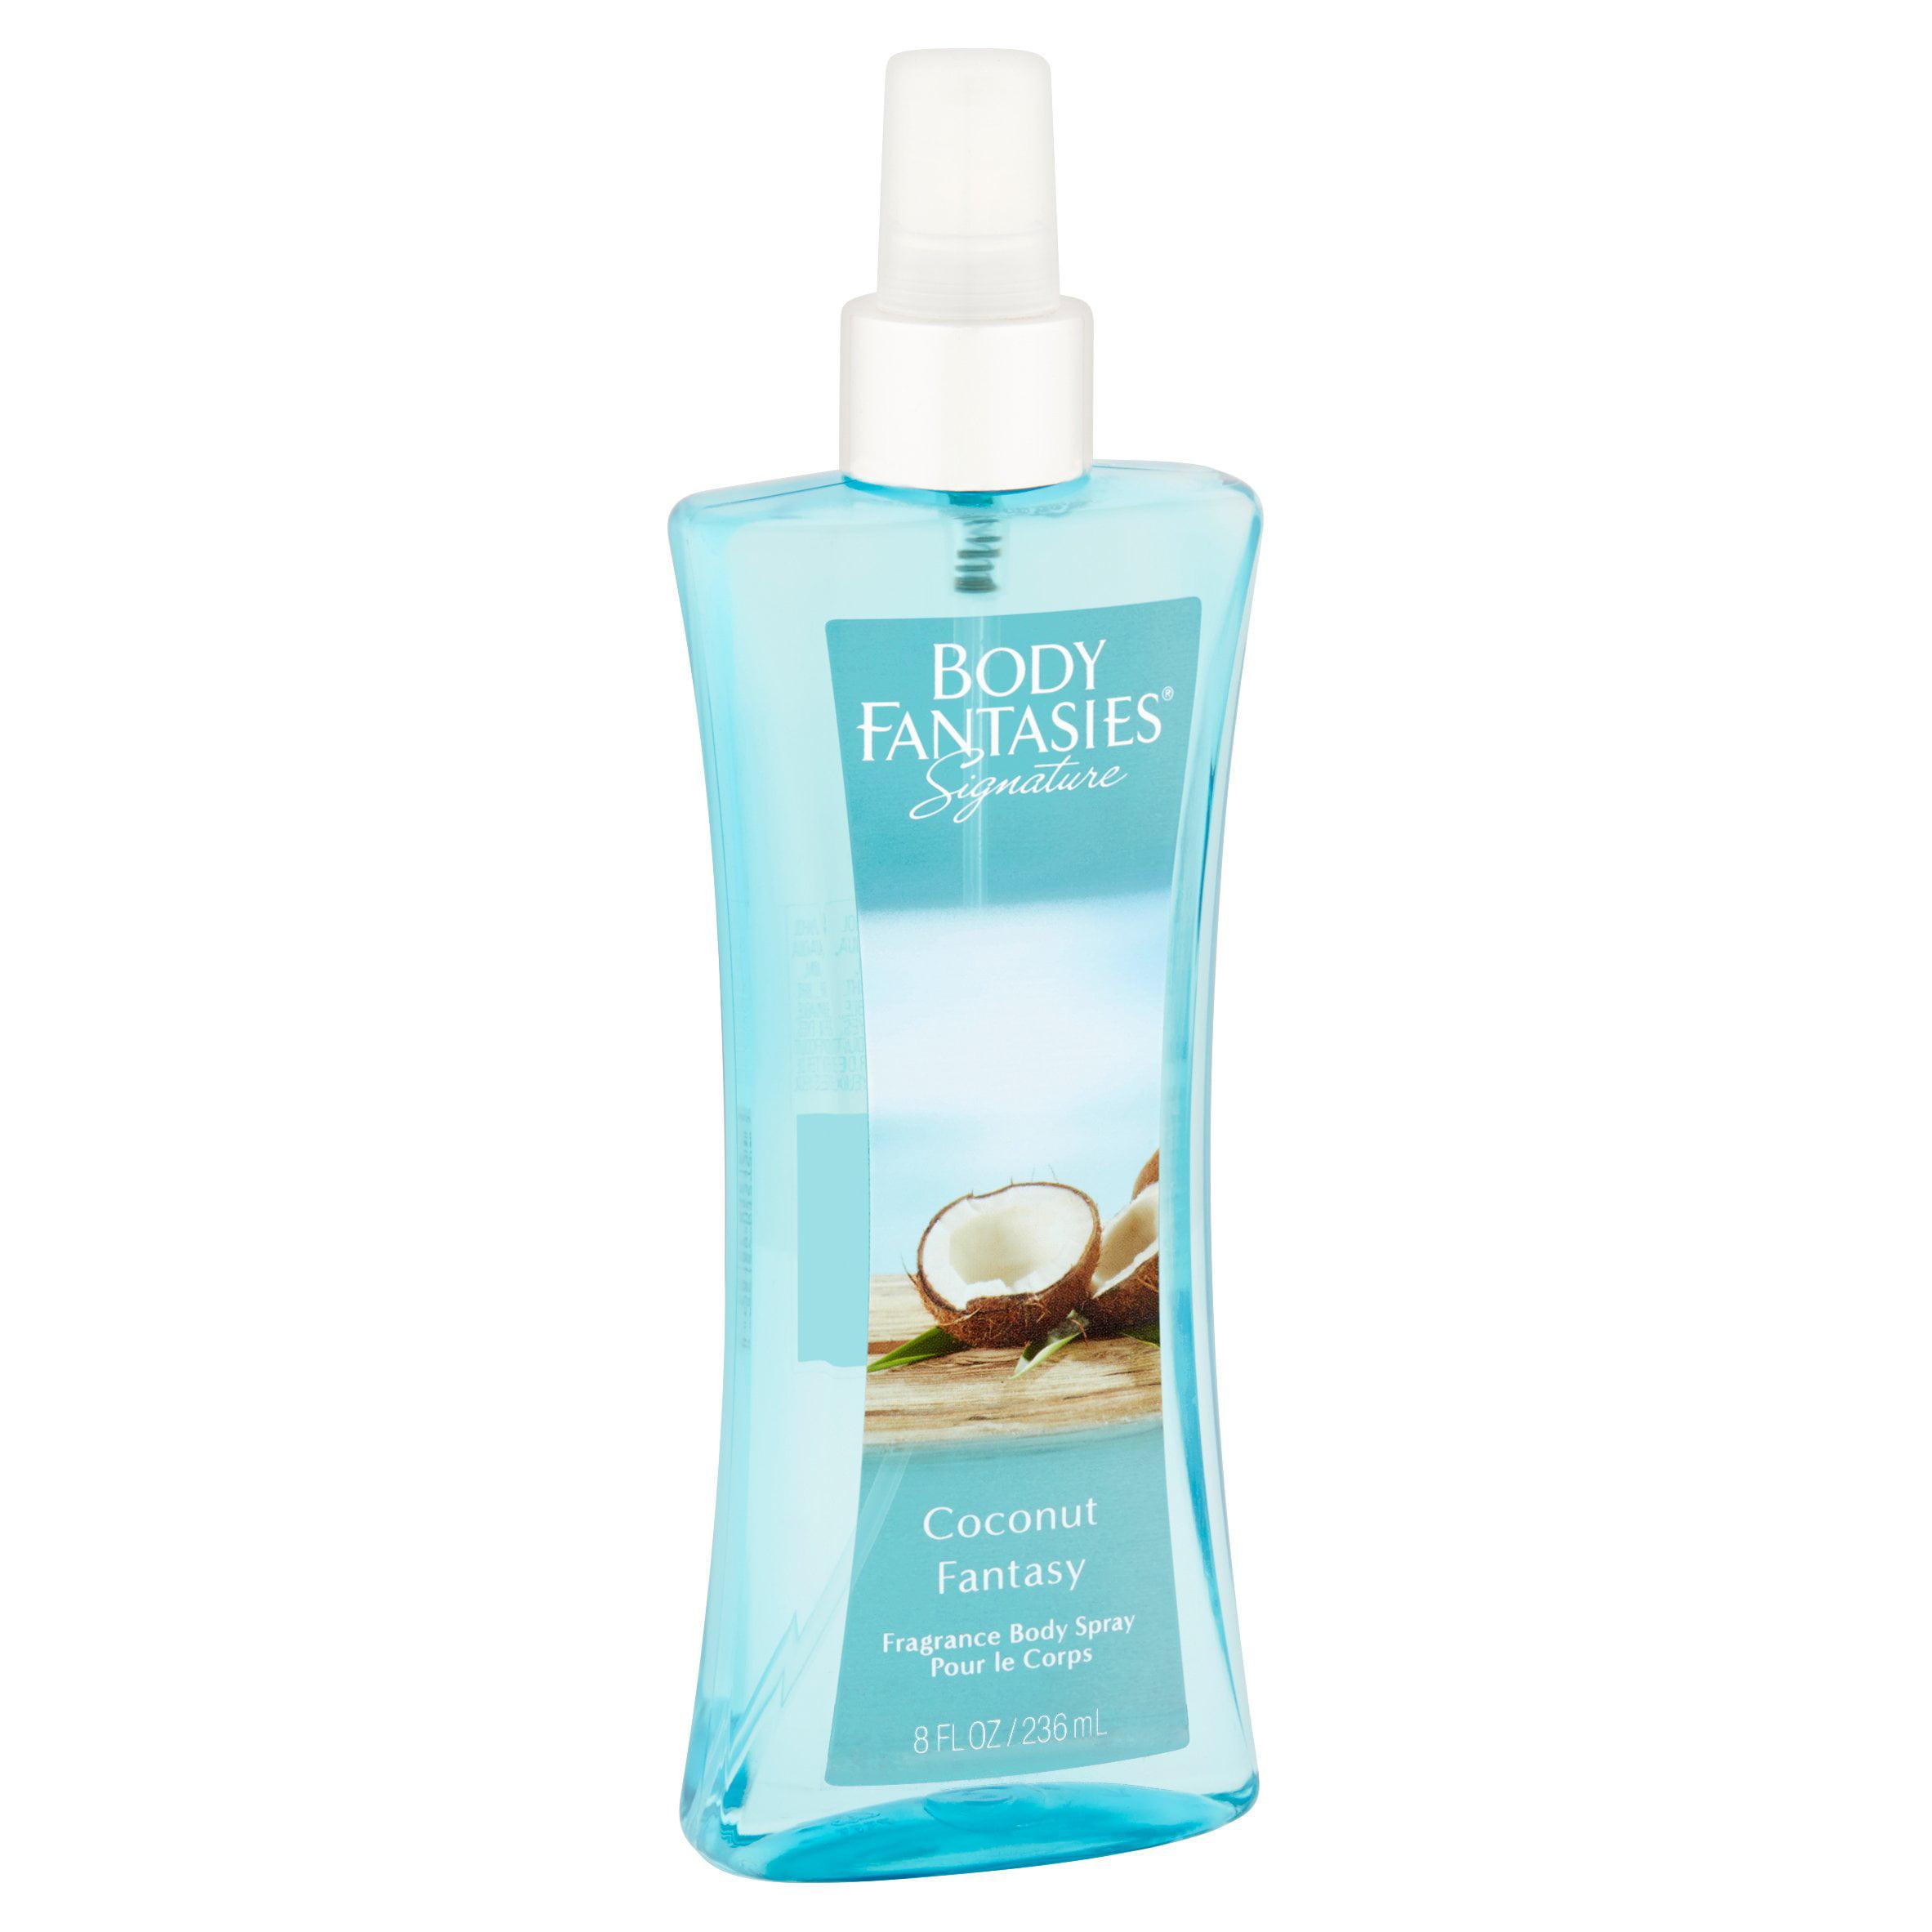 Parfums De Coeur Body Fantasies Signature Coconut Fantasy Body Spray